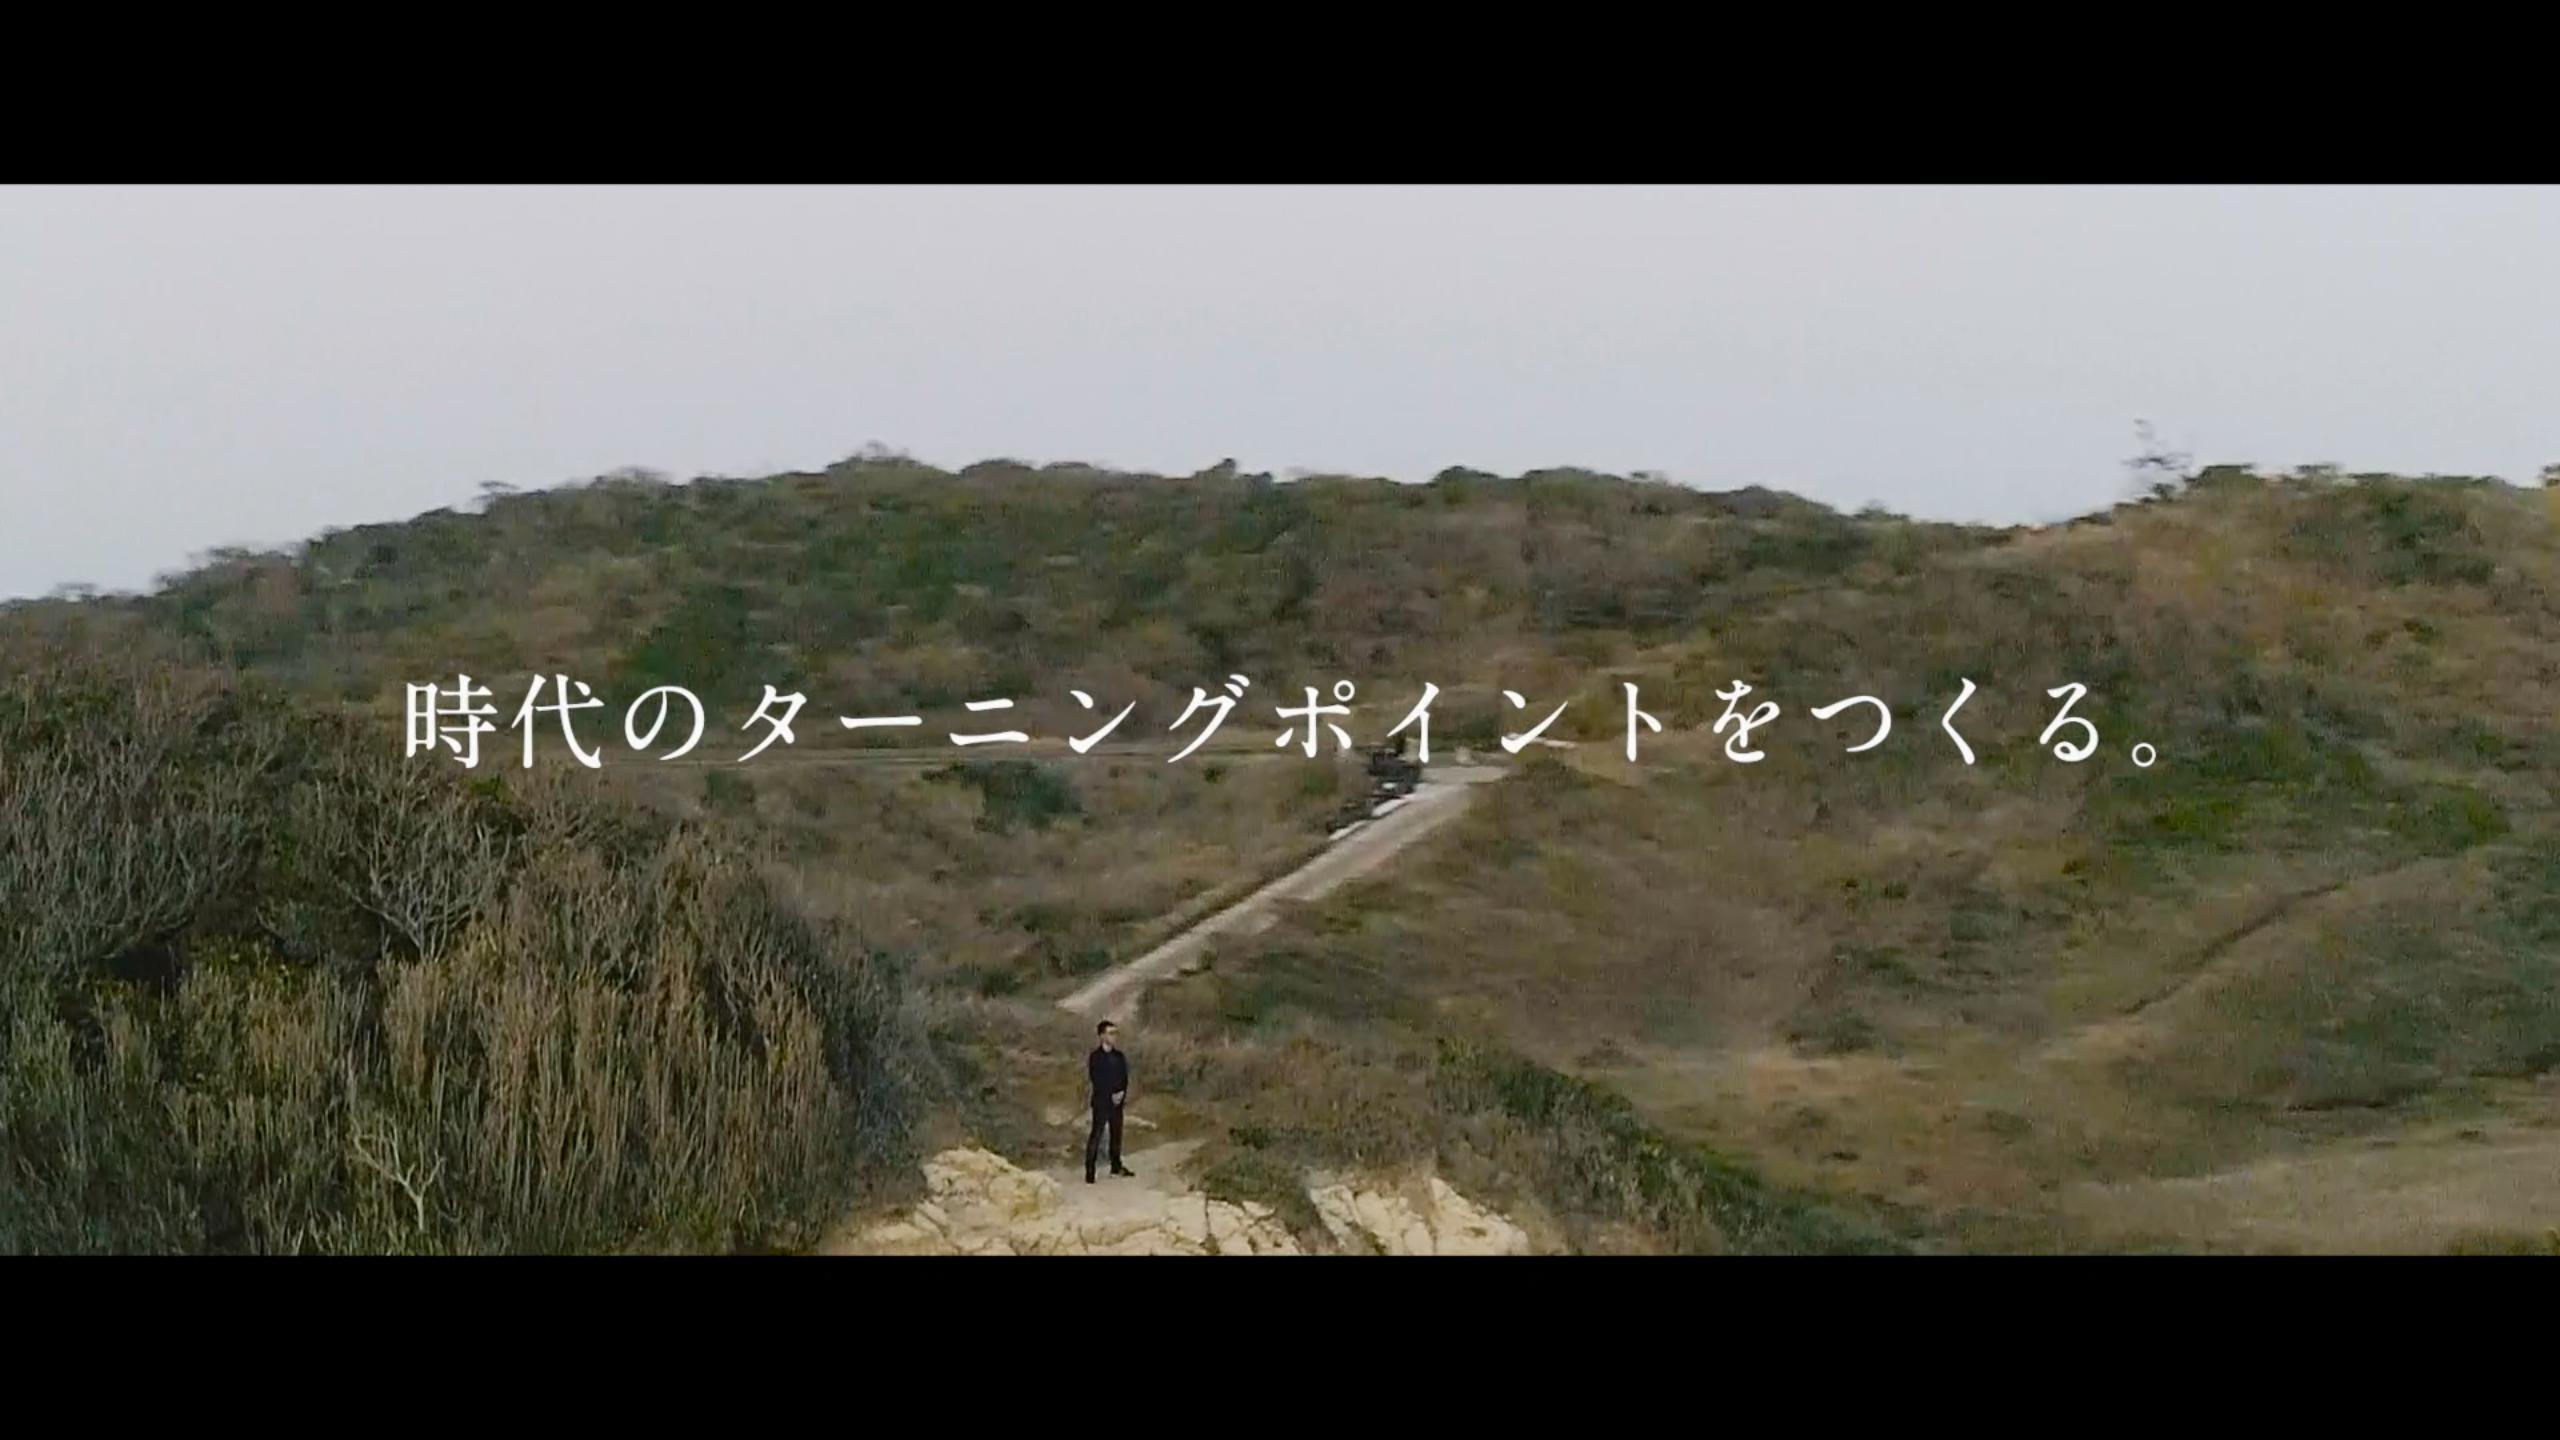 ココン株式会社ムービー/ドローン撮影02(シングメディア)